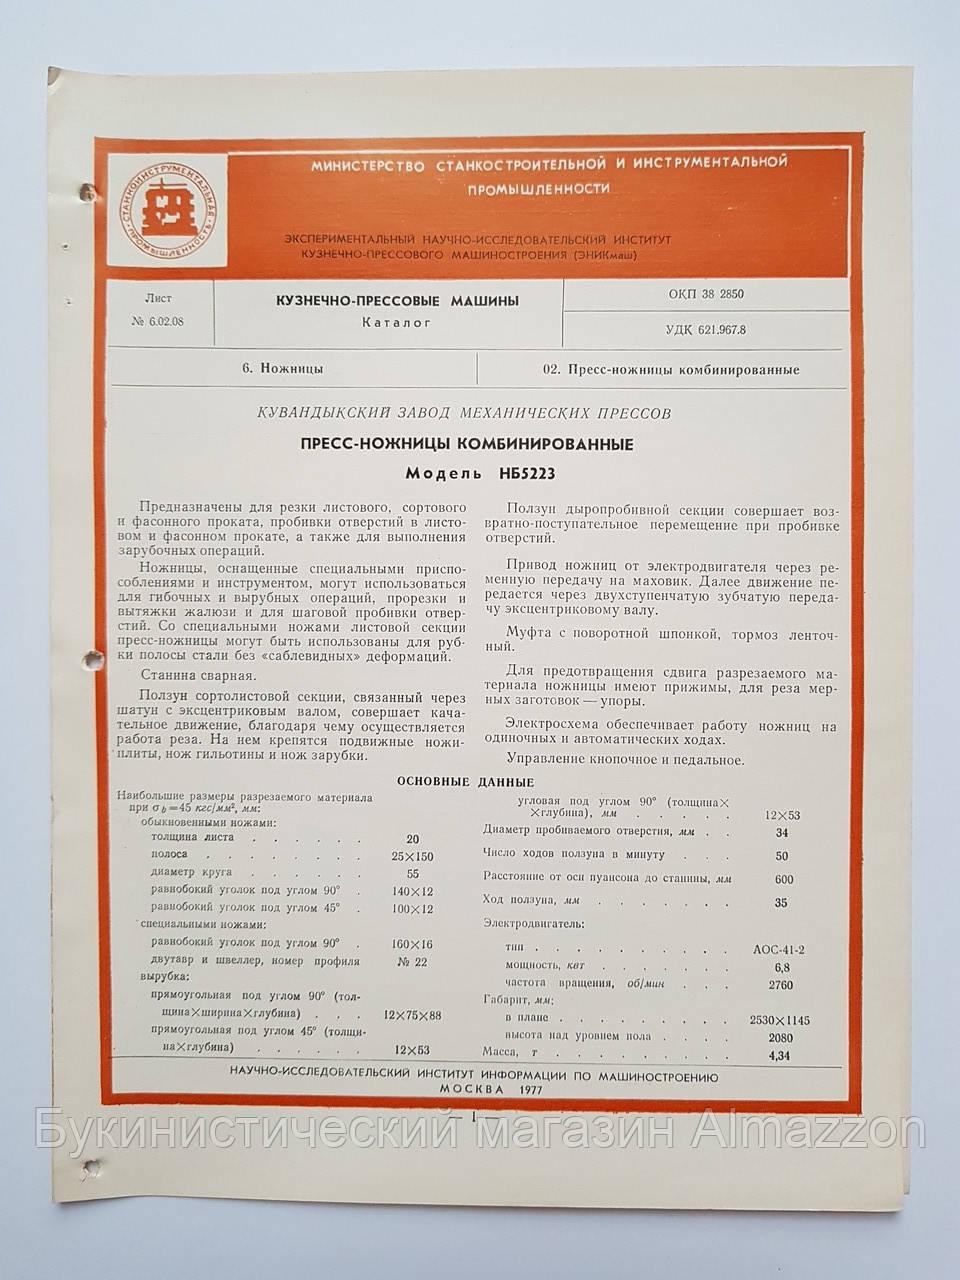 Журнал (Бюллетень) Пресс-ножницы комбинированные НБ5223  6.02.08.